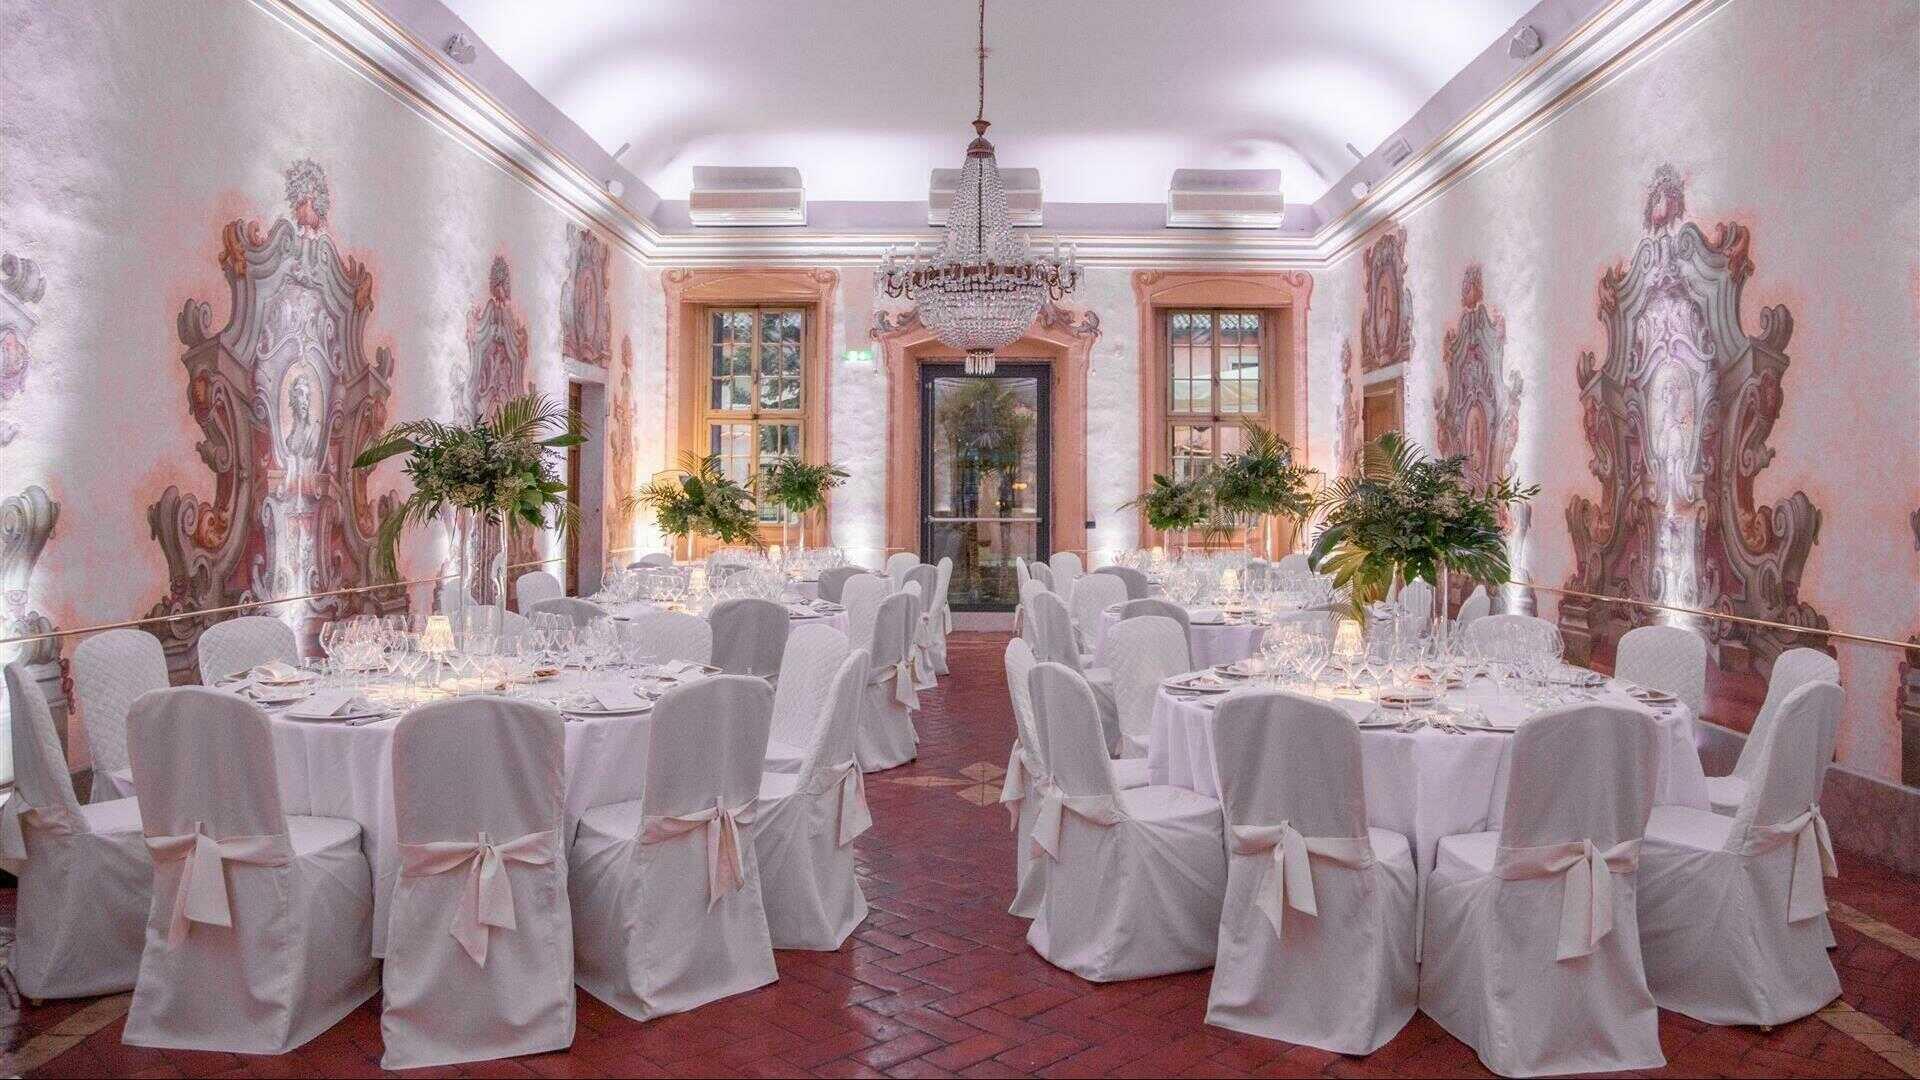 Matrimonio Rustico Veneto : Location per matrimoni in veneto le migliori del